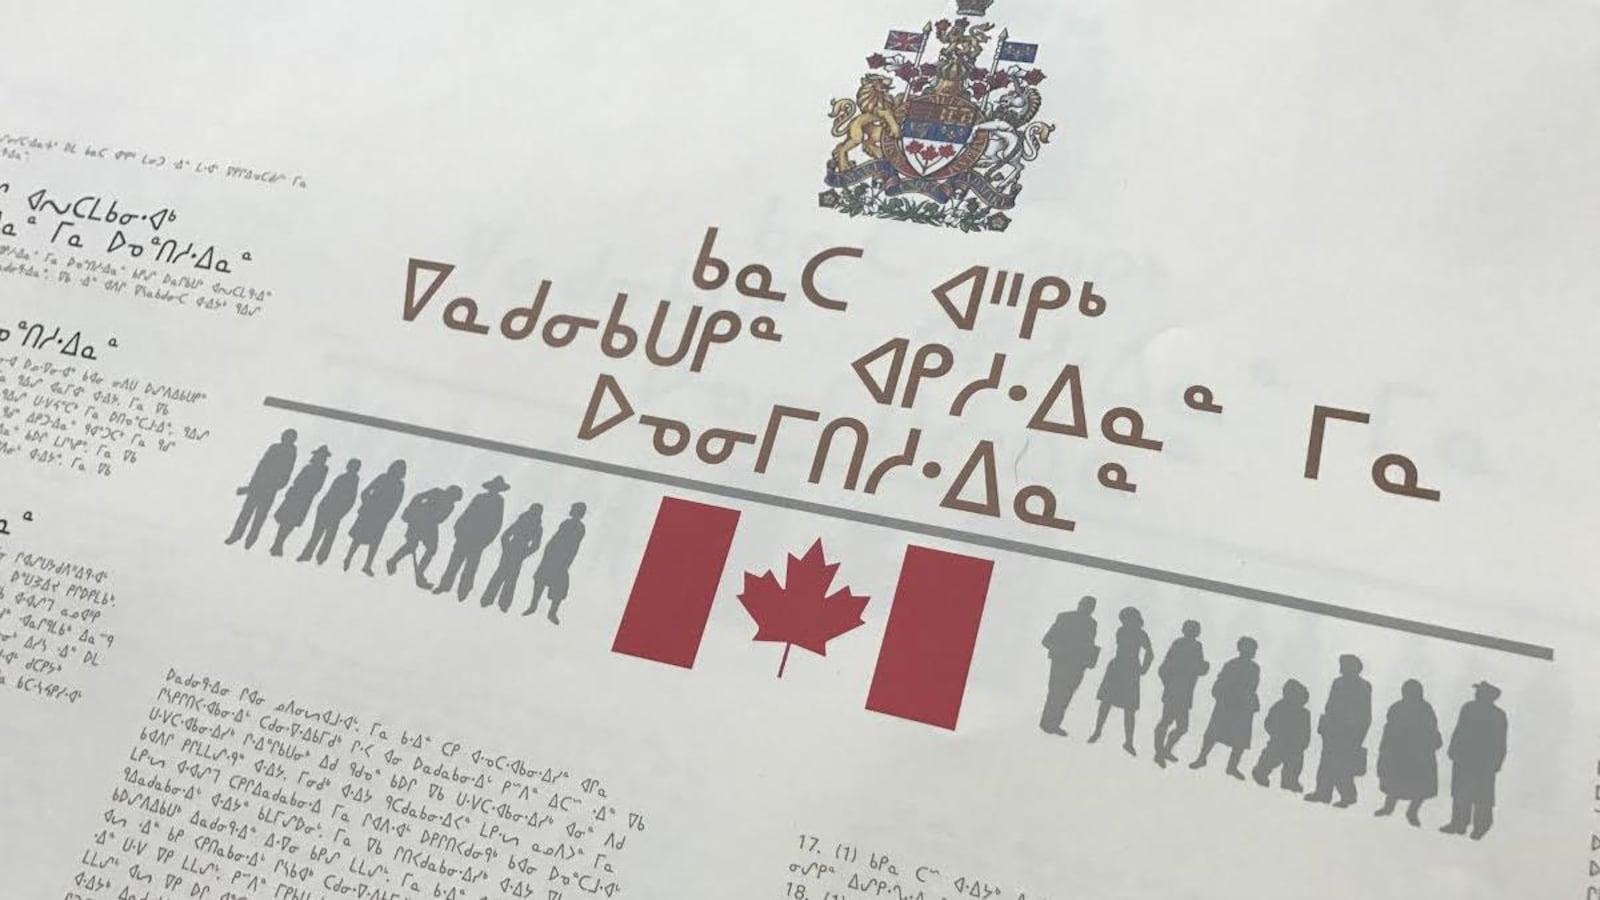 La Charte canadienne des droits et libertés rédigée dans une langue autochtone.